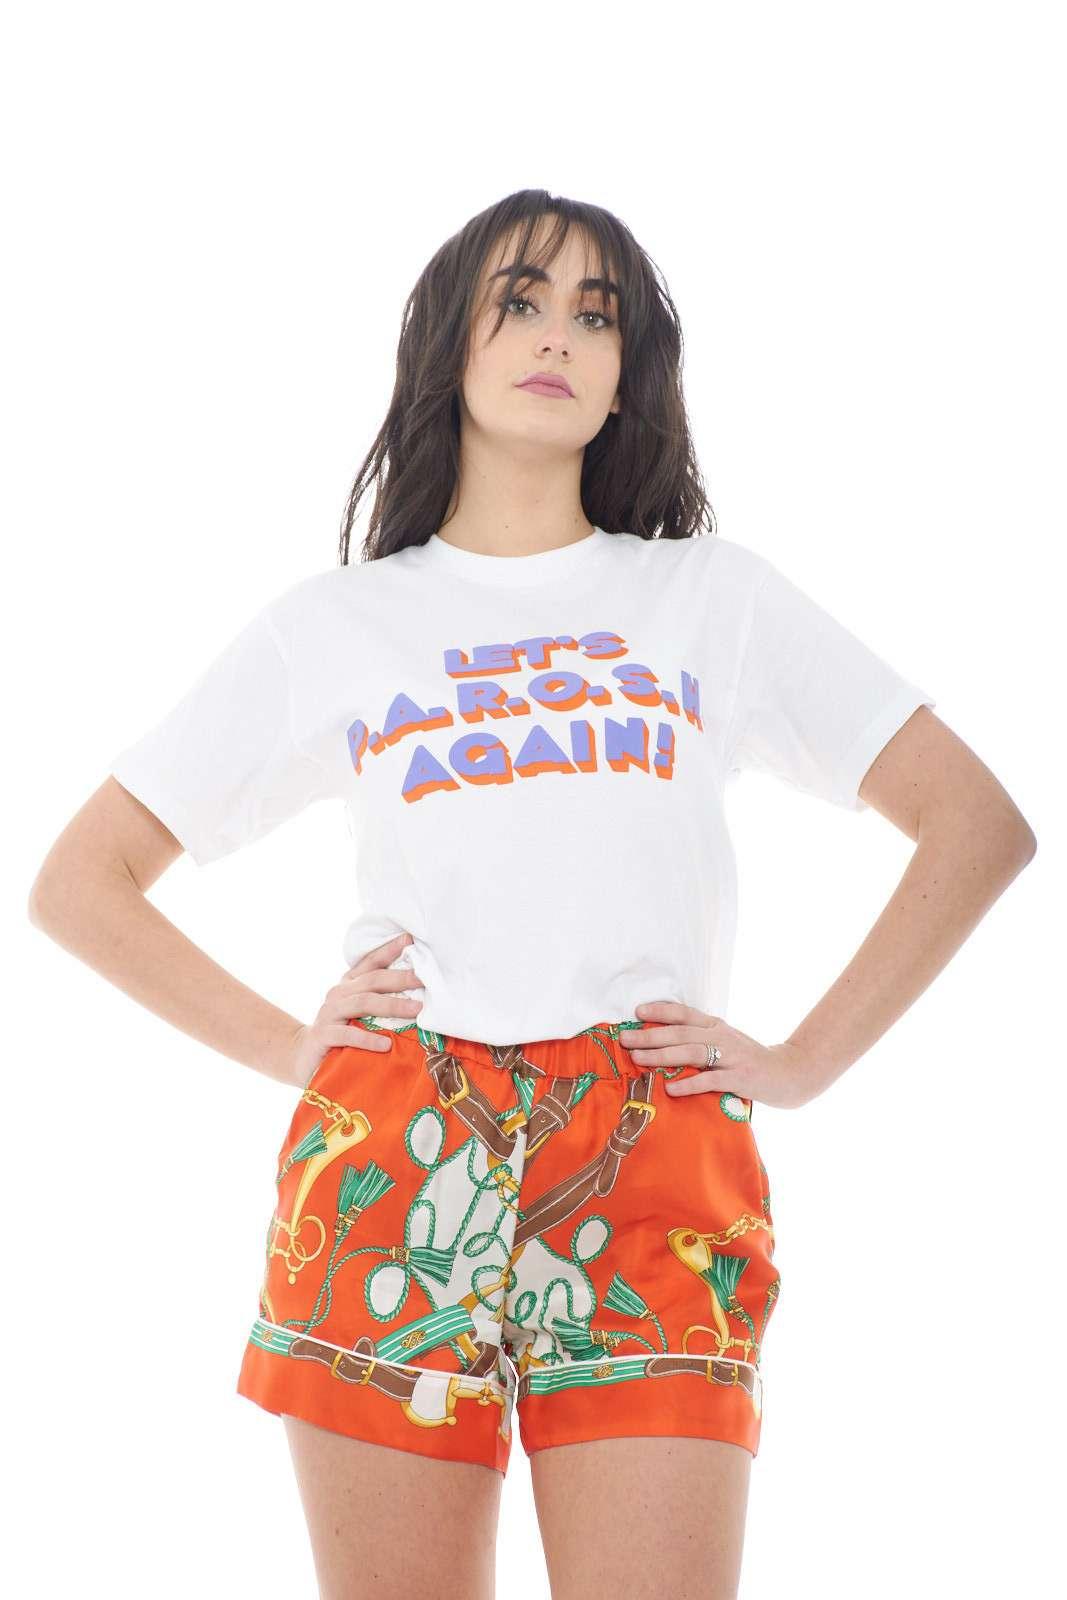 Una T shirt iconica quella firmata dalla collezione donna Parosh. Da indossare con un jeans o con una gonna conquista sia i look casual che quelli impegnati. Un capo immancabile nel gardaroba femminile per aver cura di ogni dettaglio.